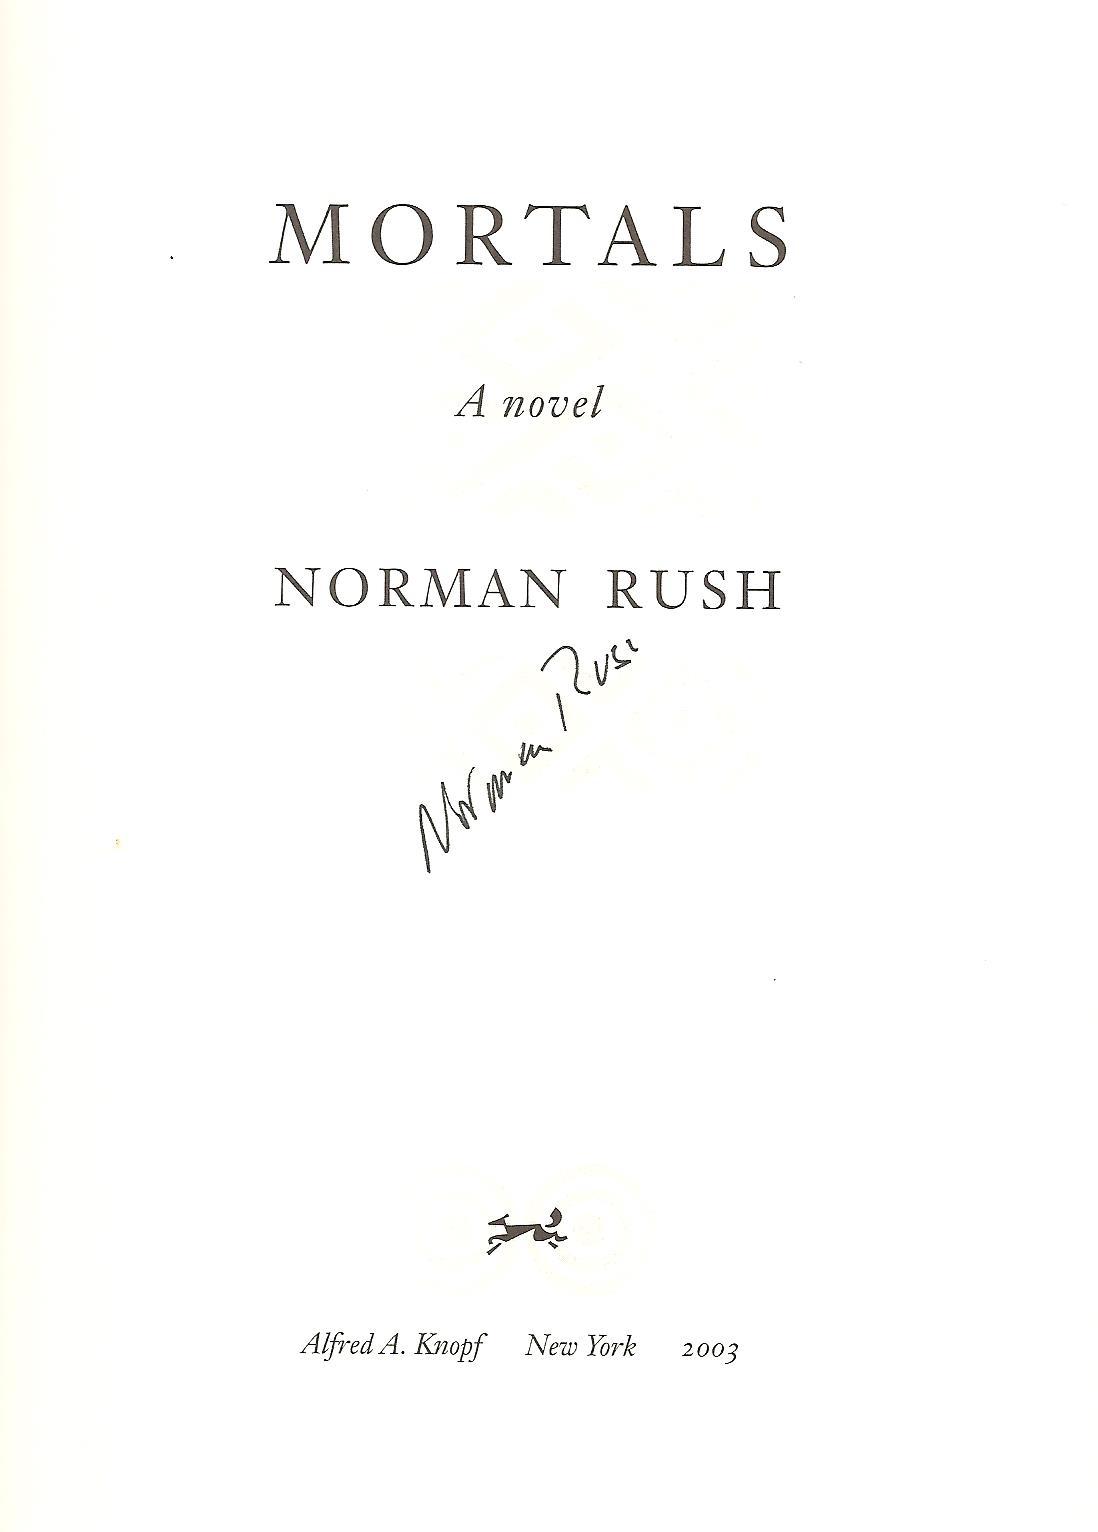 Norman Rush